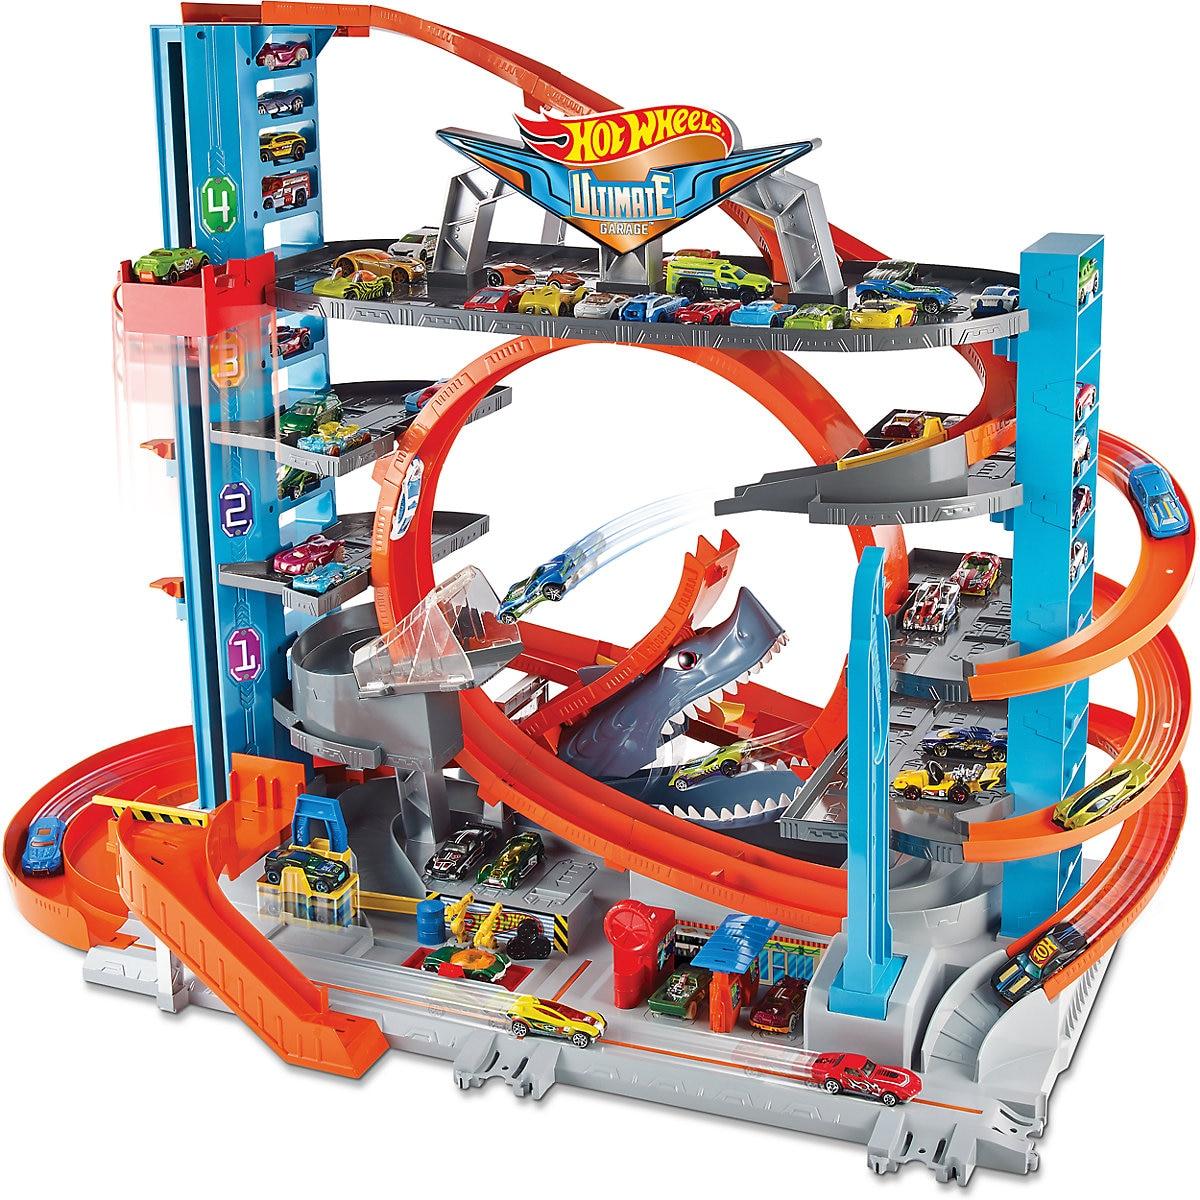 HOT WHEELS Giocattoli pressofusi e veicoli 8422323 сars modello di auto auto per bambini giocattoli per ragazzi ragazzo gioco del gioco MTpromo